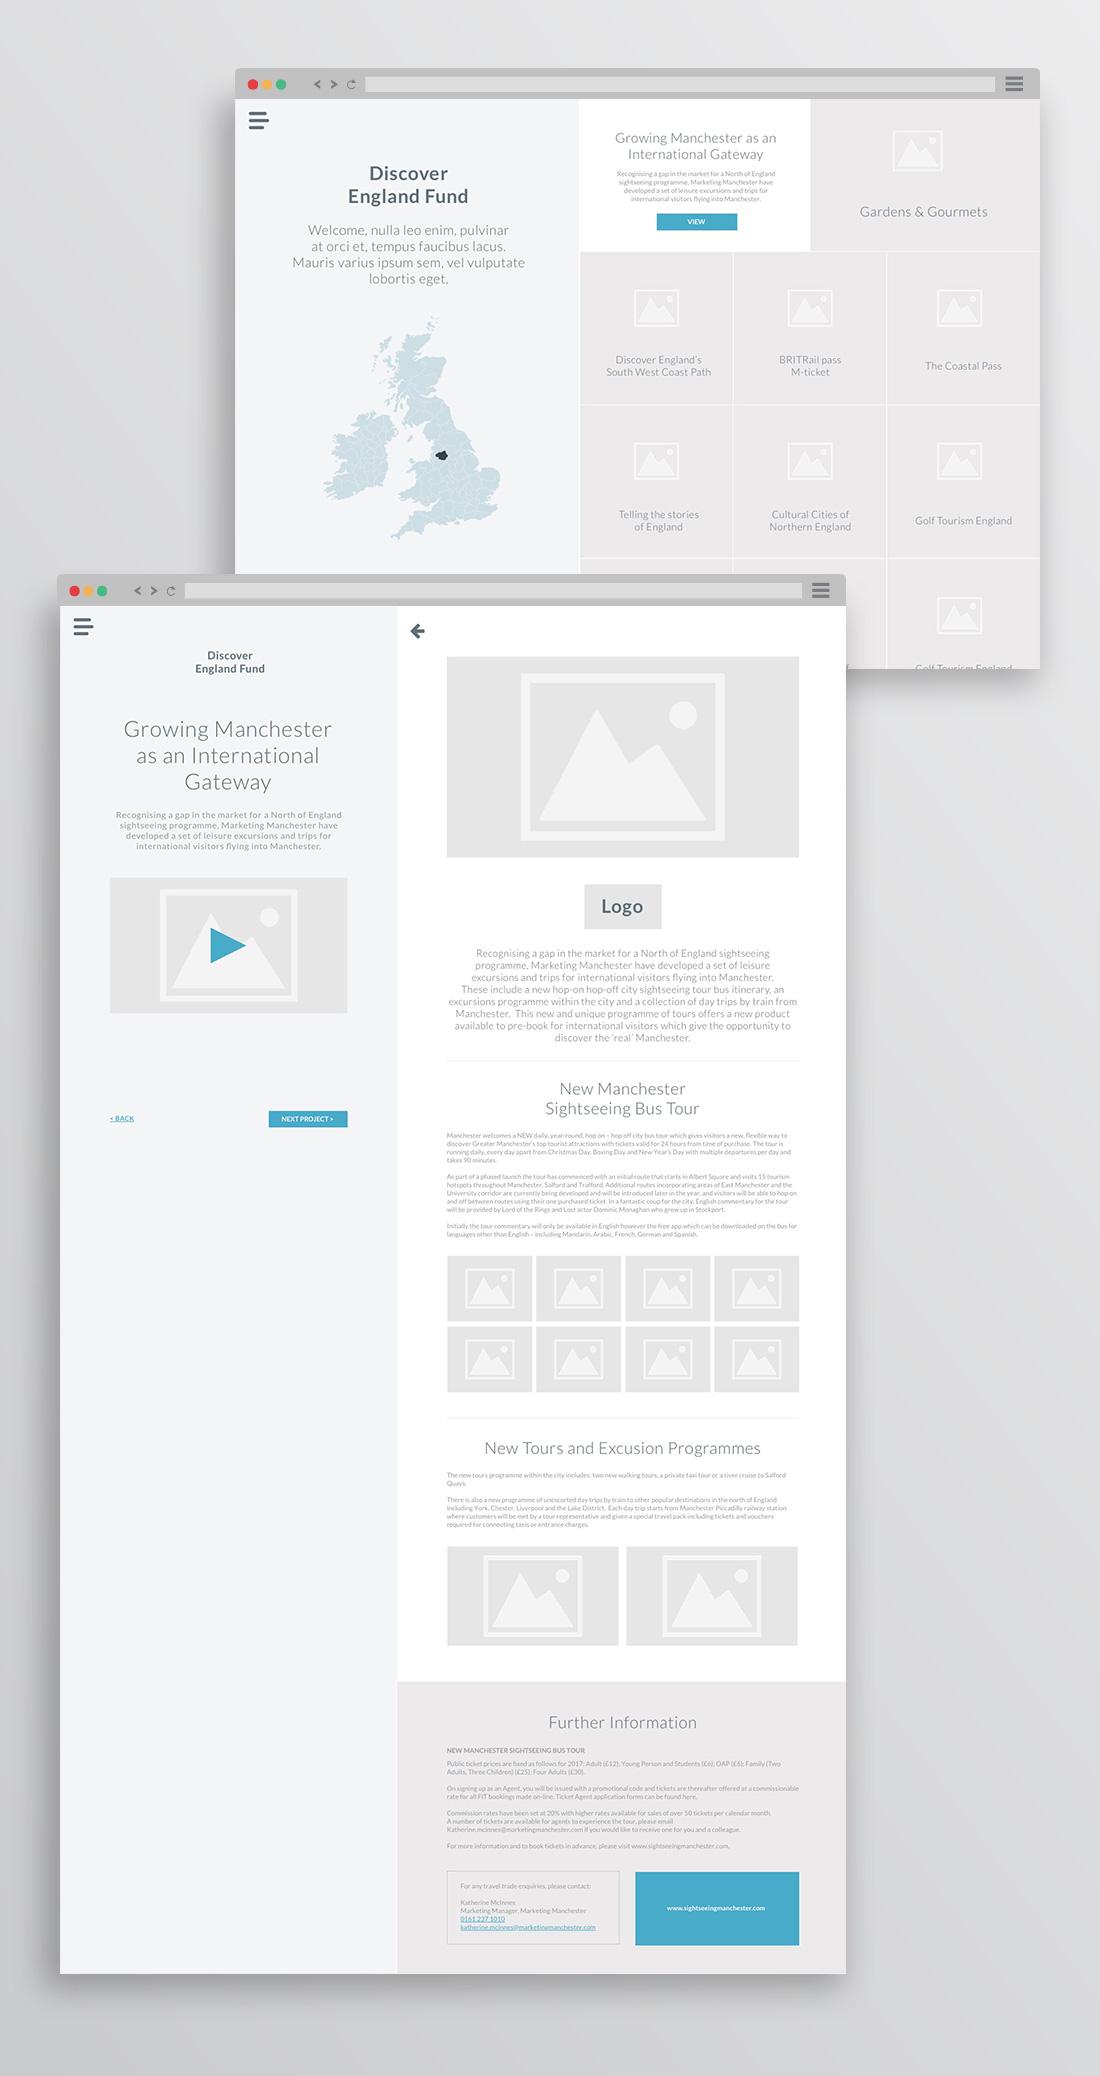 TinyBeastDesign-DiscoverEngland-UX